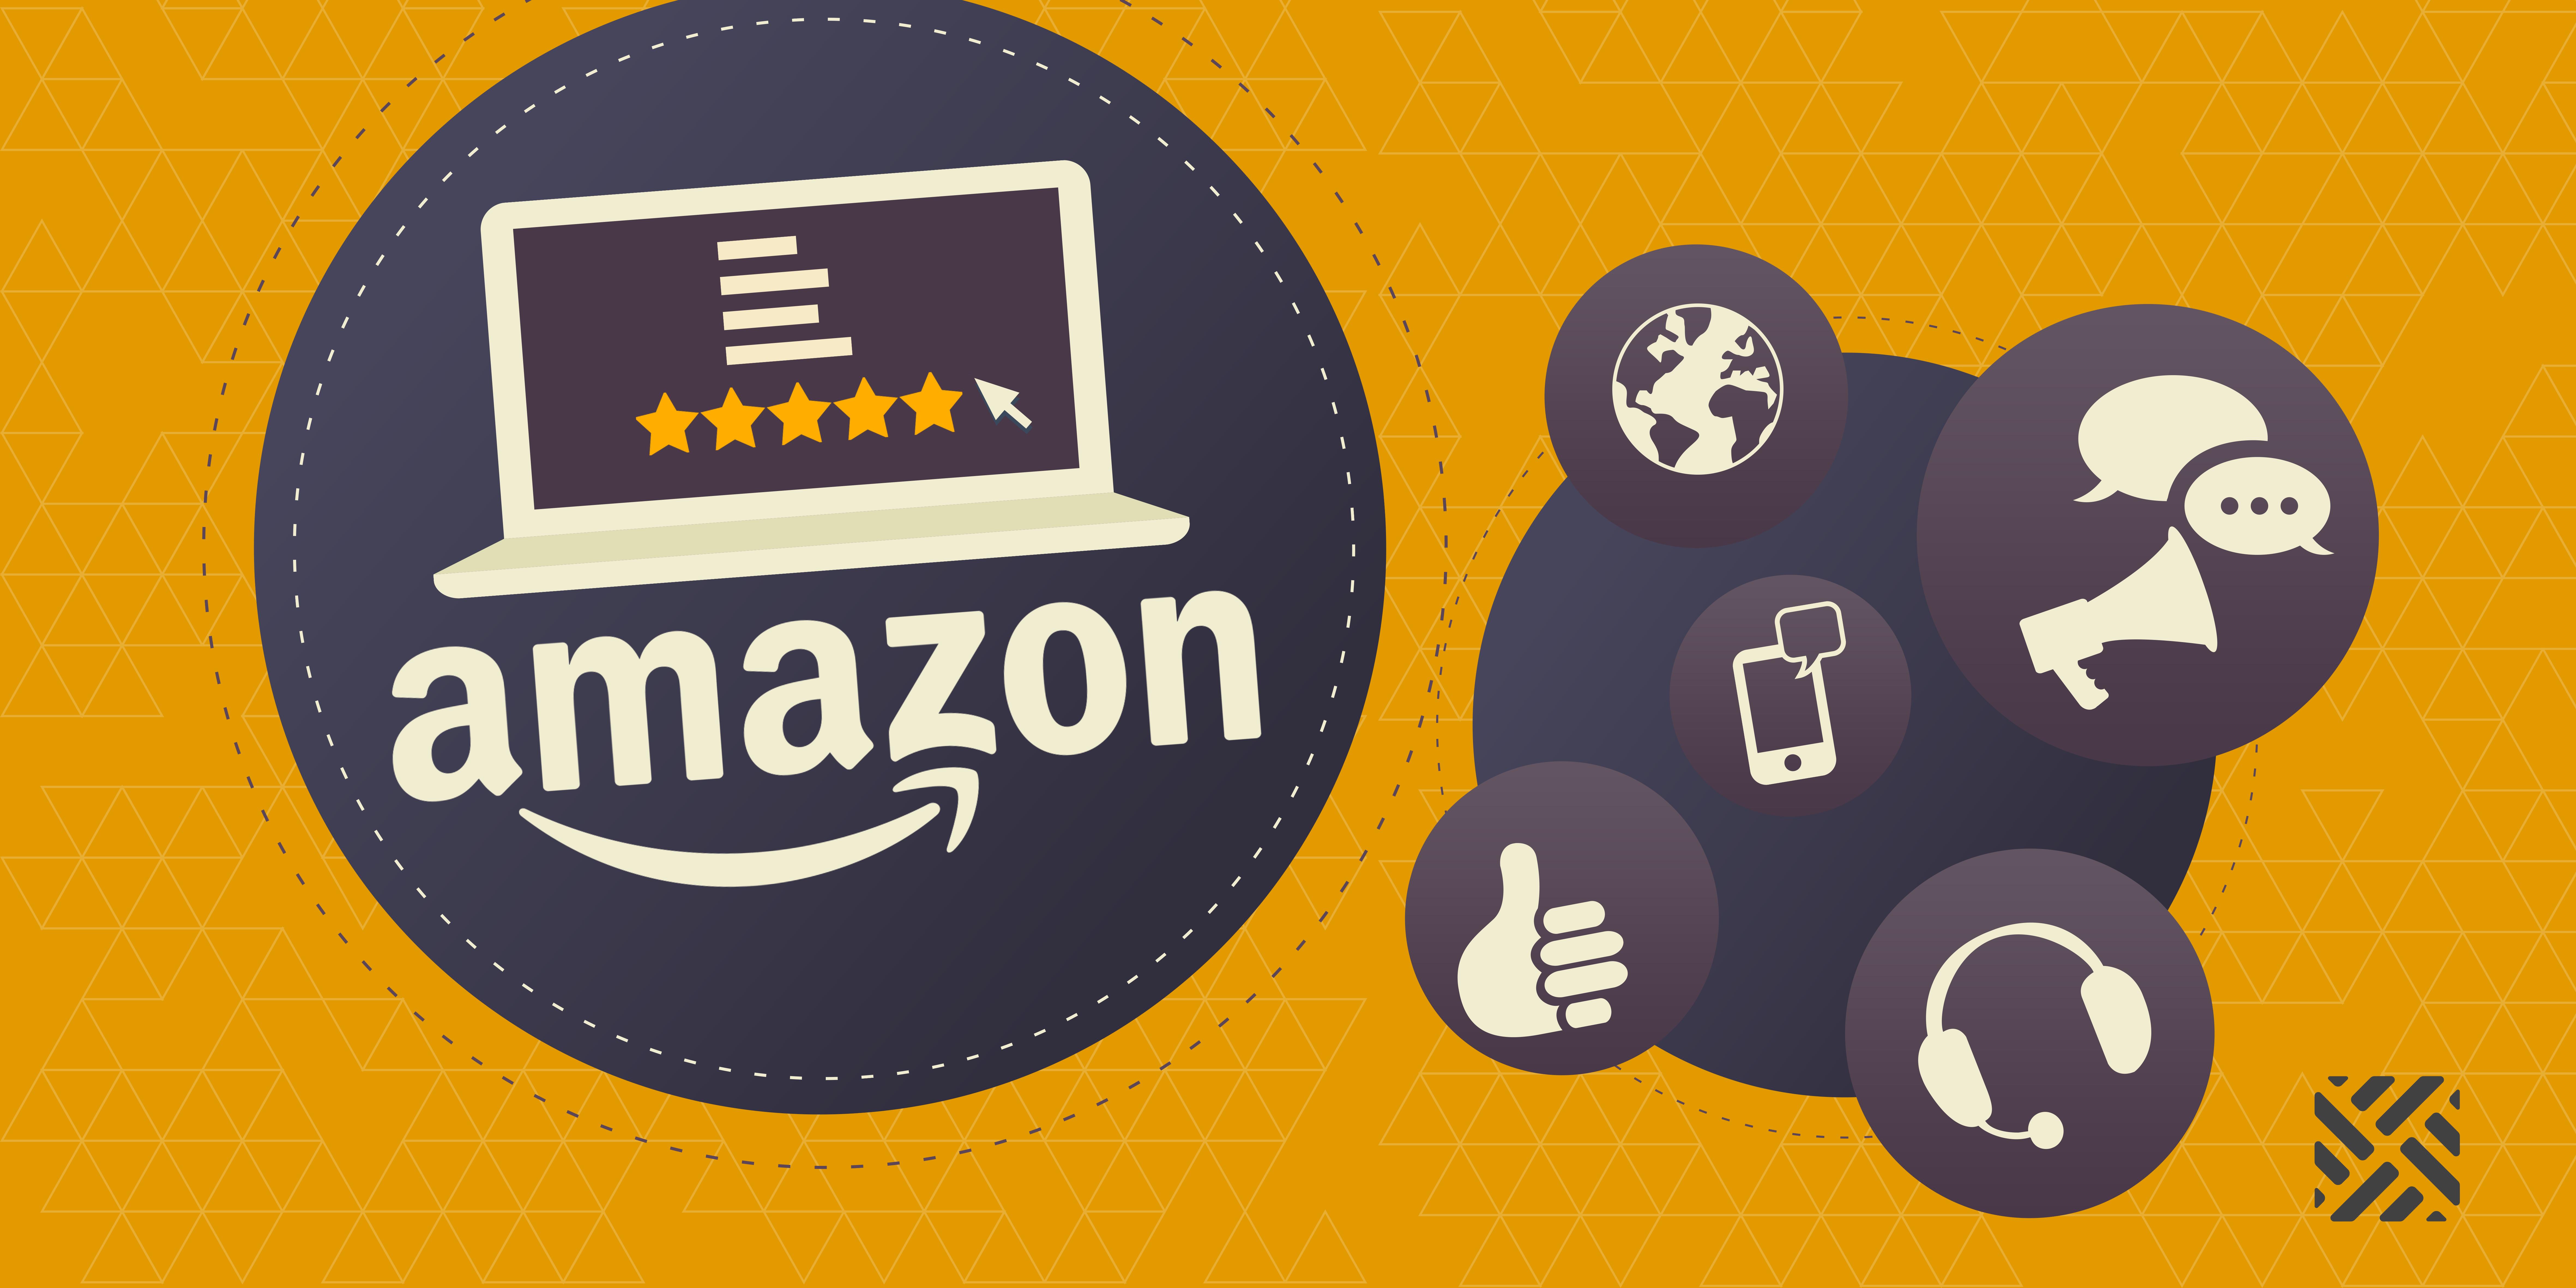 Amazon-Feedback-5.png